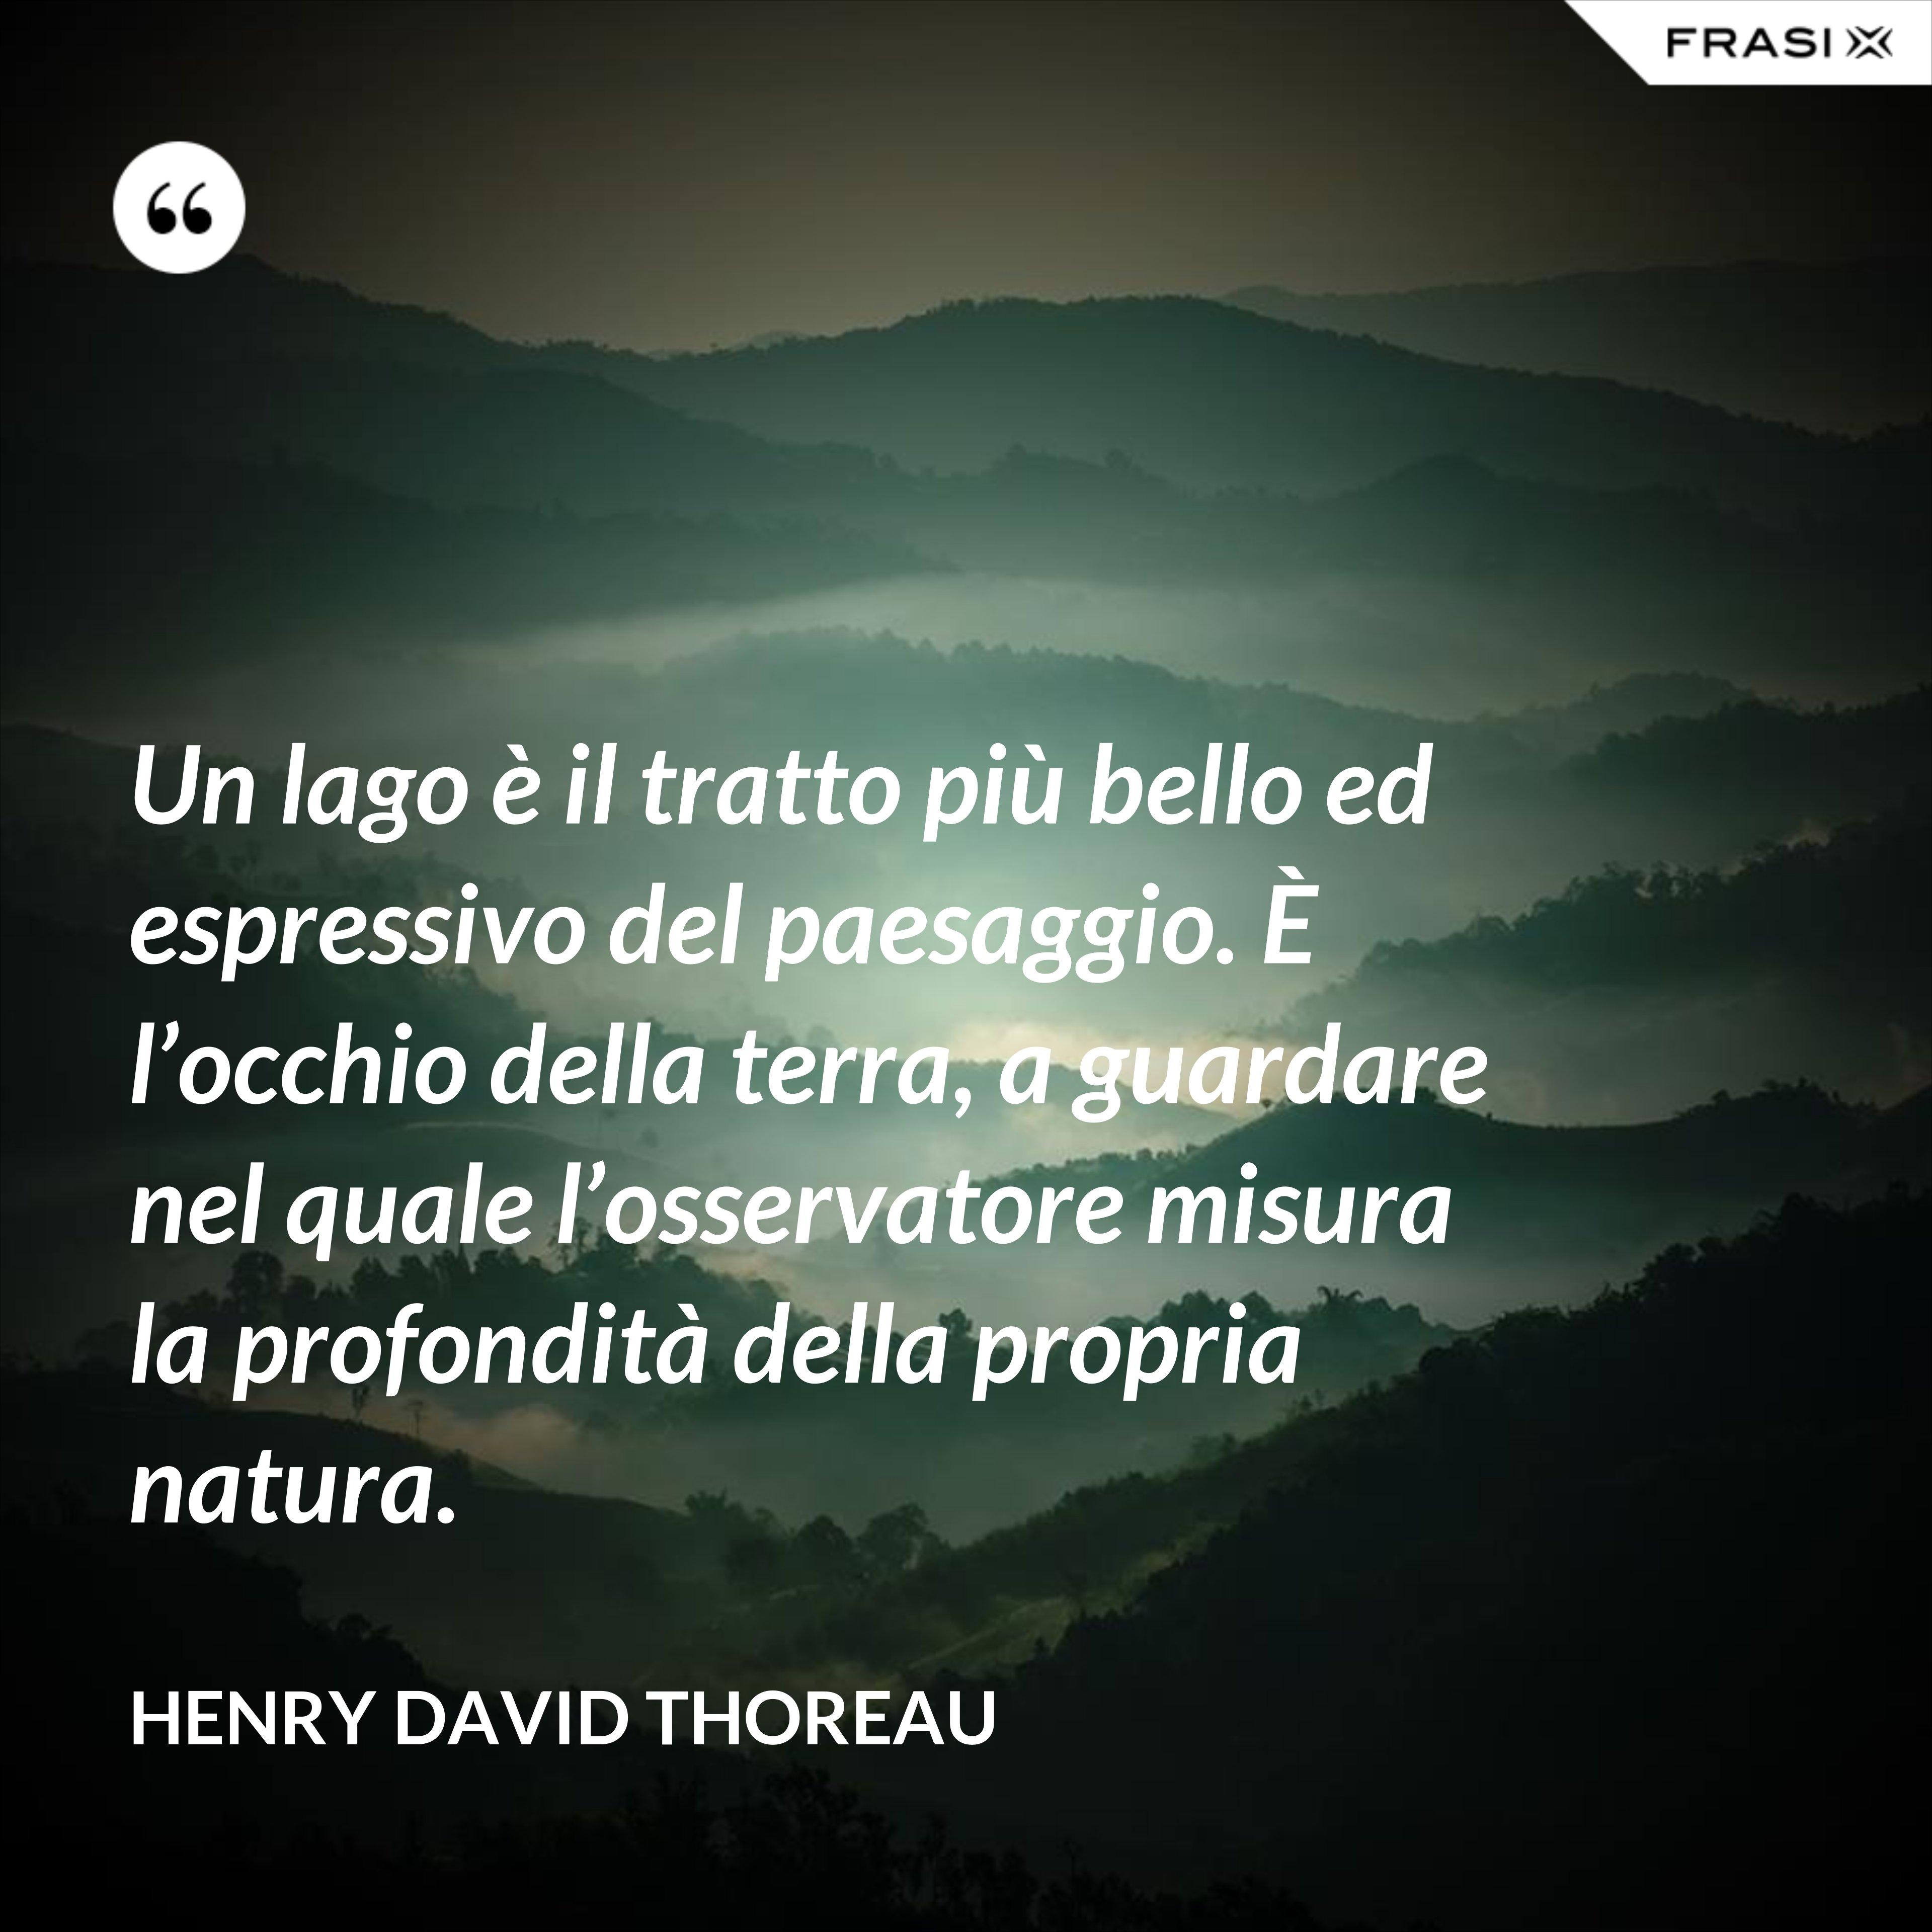 Un lago è il tratto più bello ed espressivo del paesaggio. È l'occhio della terra, a guardare nel quale l'osservatore misura la profondità della propria natura. - Henry David Thoreau